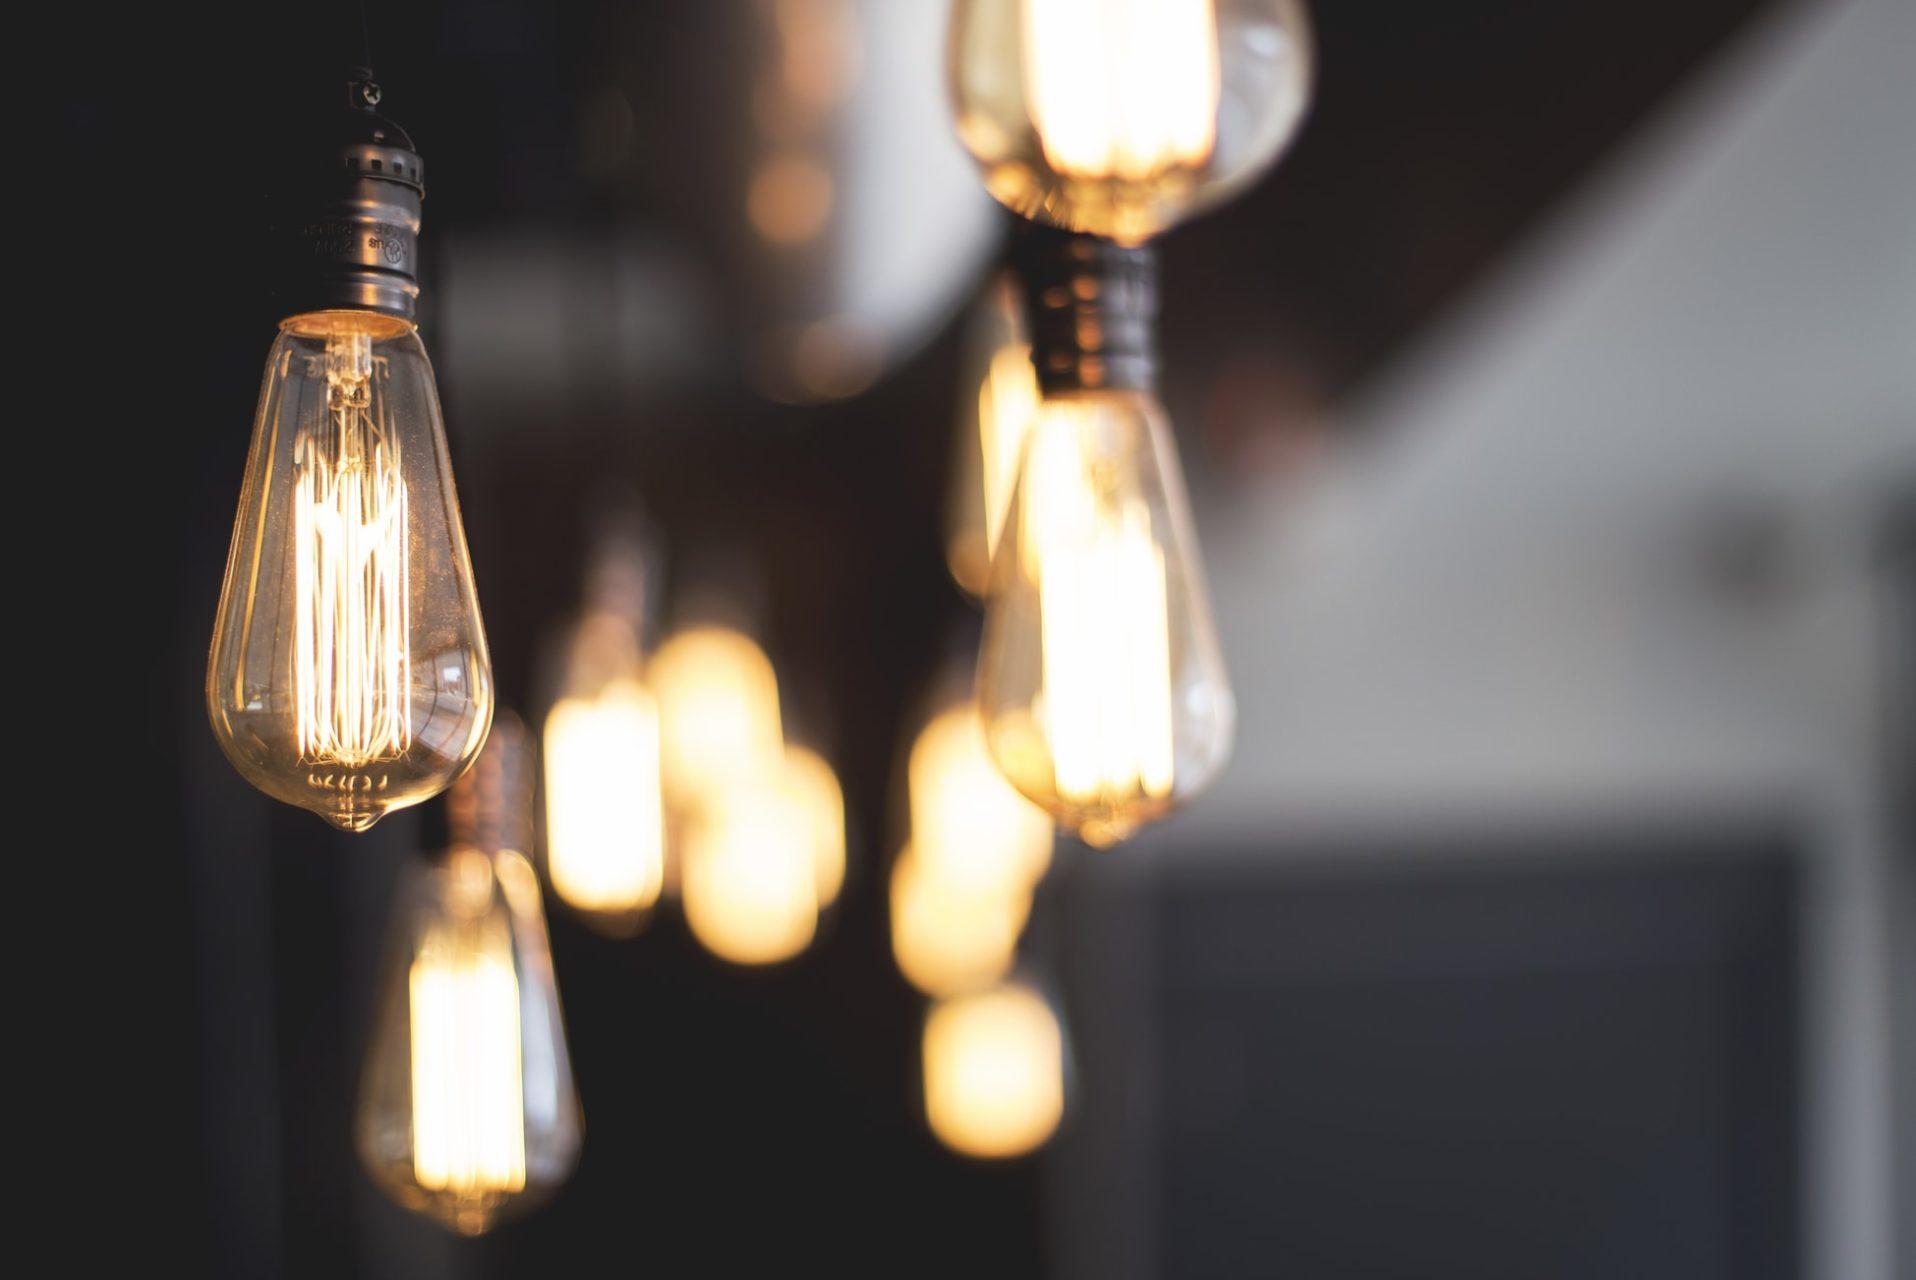 Glitzernde Lichteffekte entstehen durch mehrere Leuchtmittel, die nur unscharf zu erkennen sind